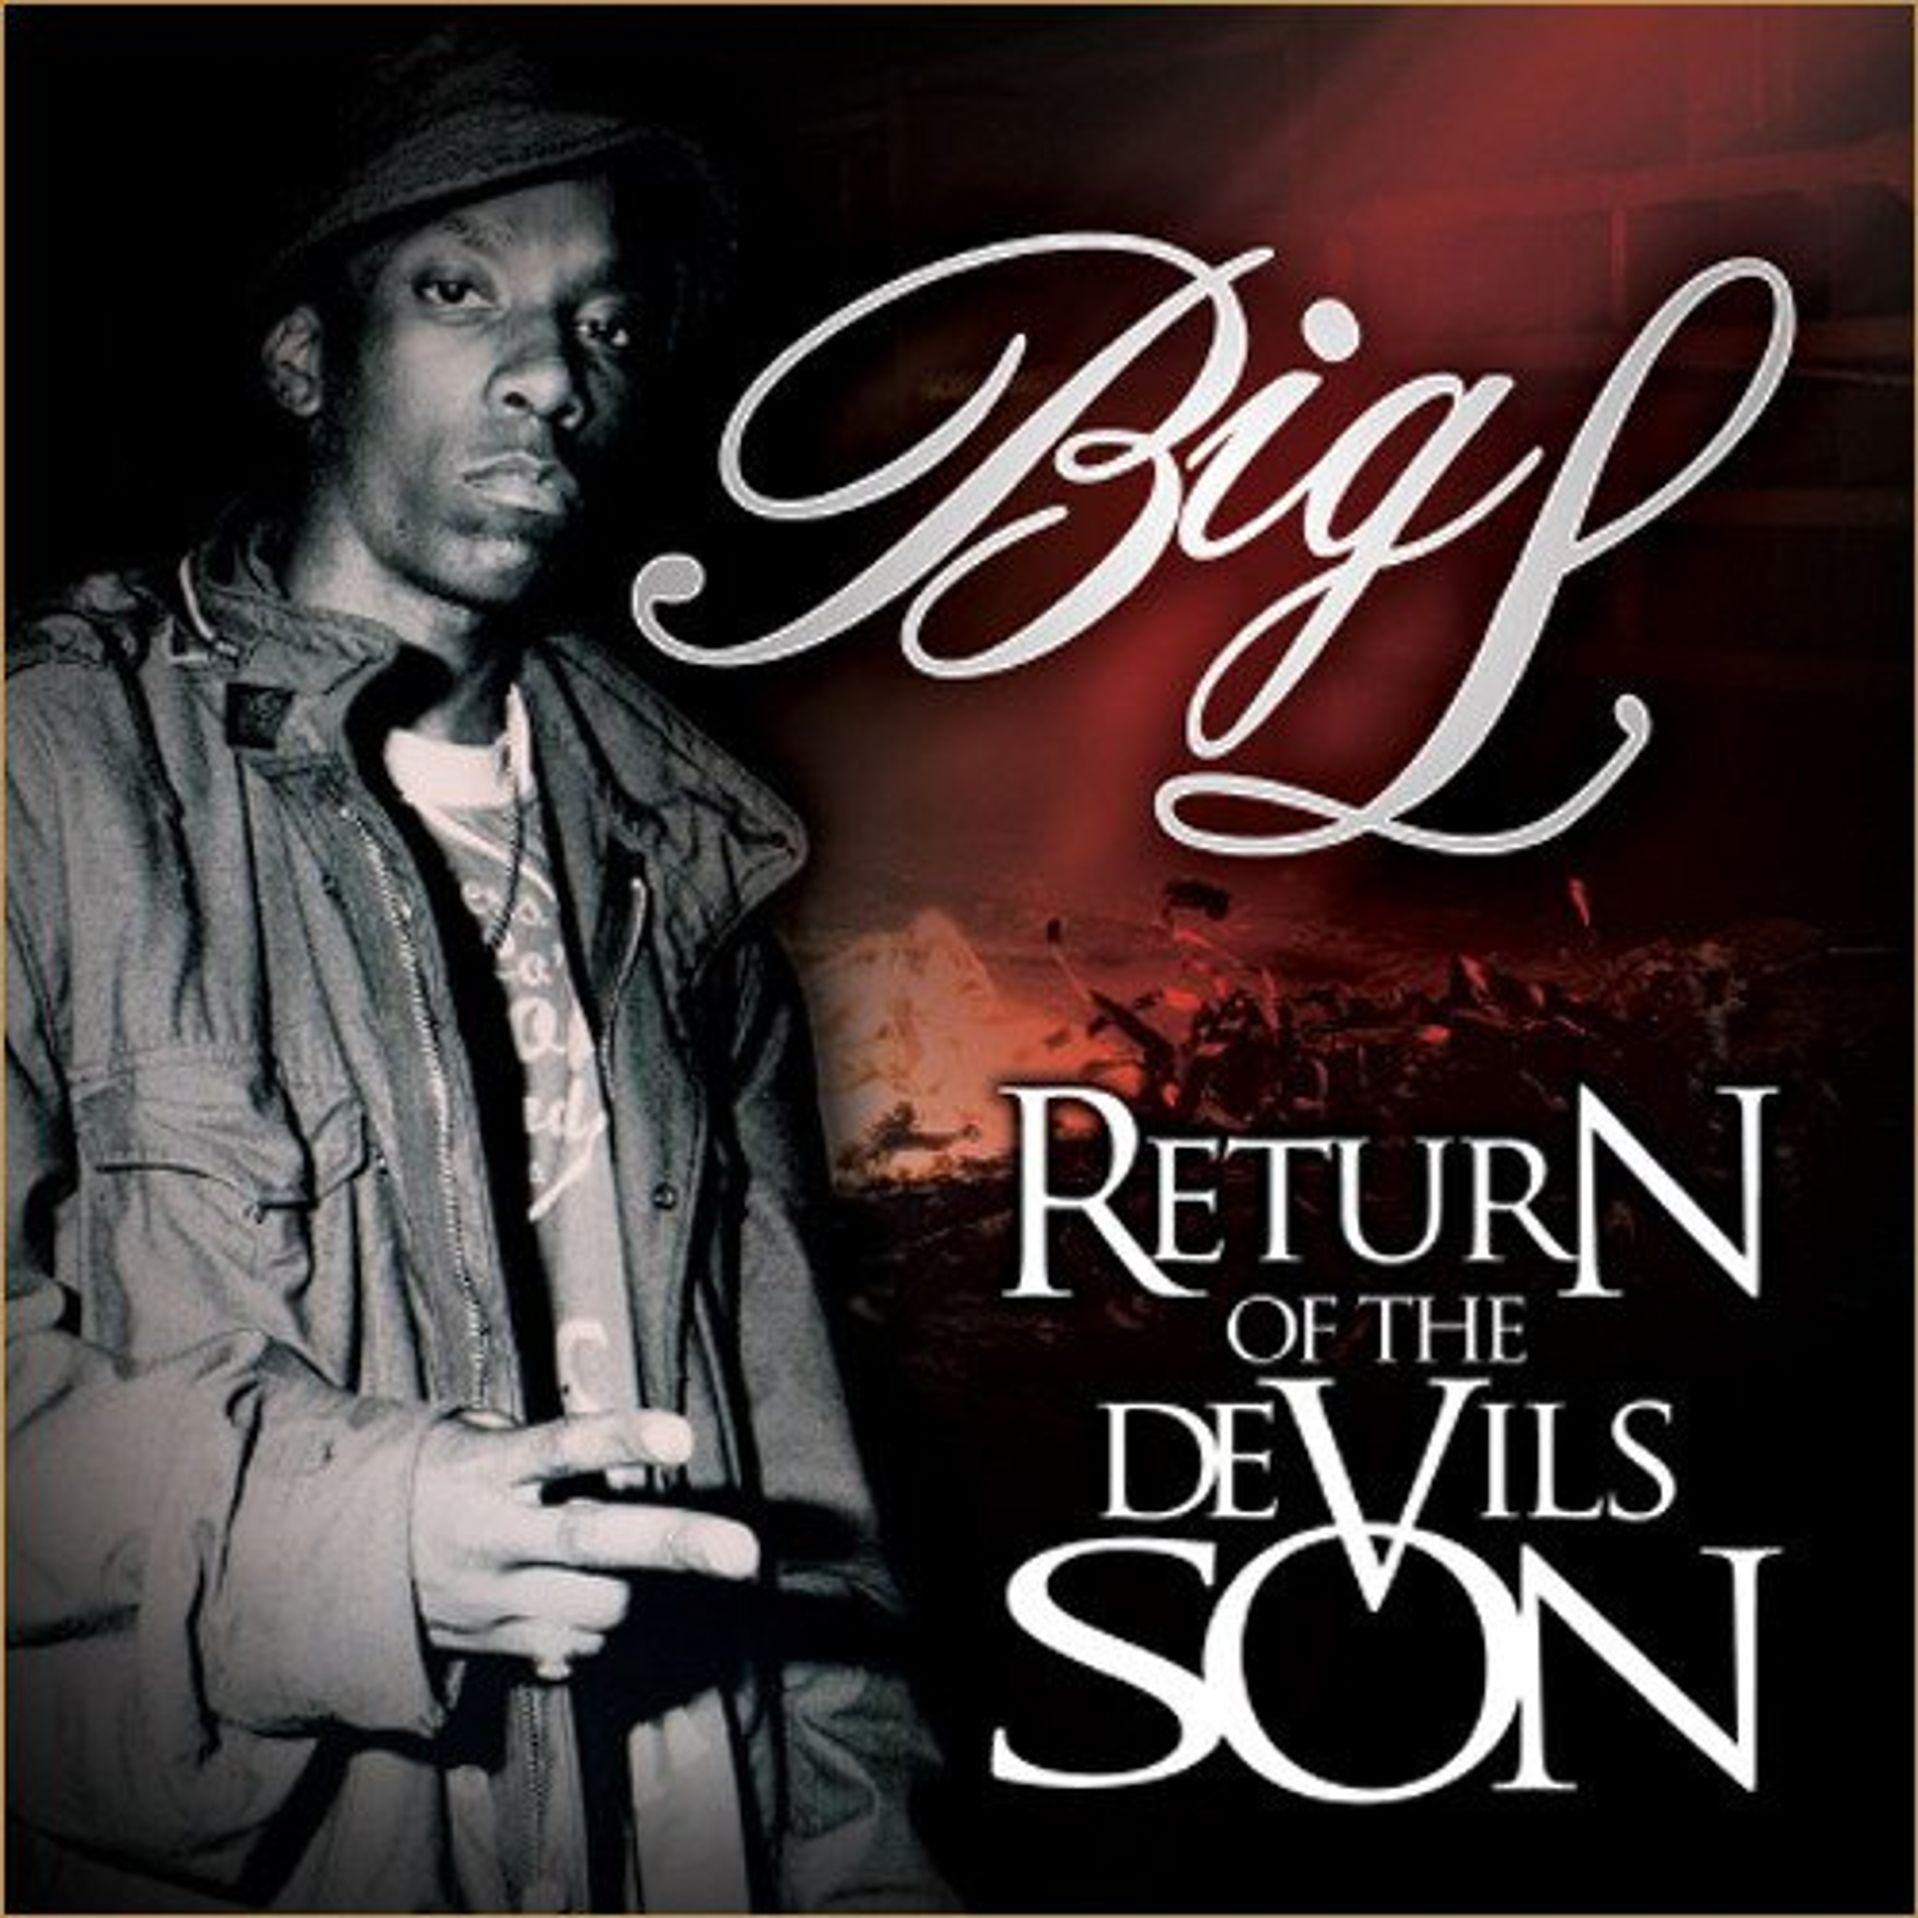 Album Title: Return of the Devil